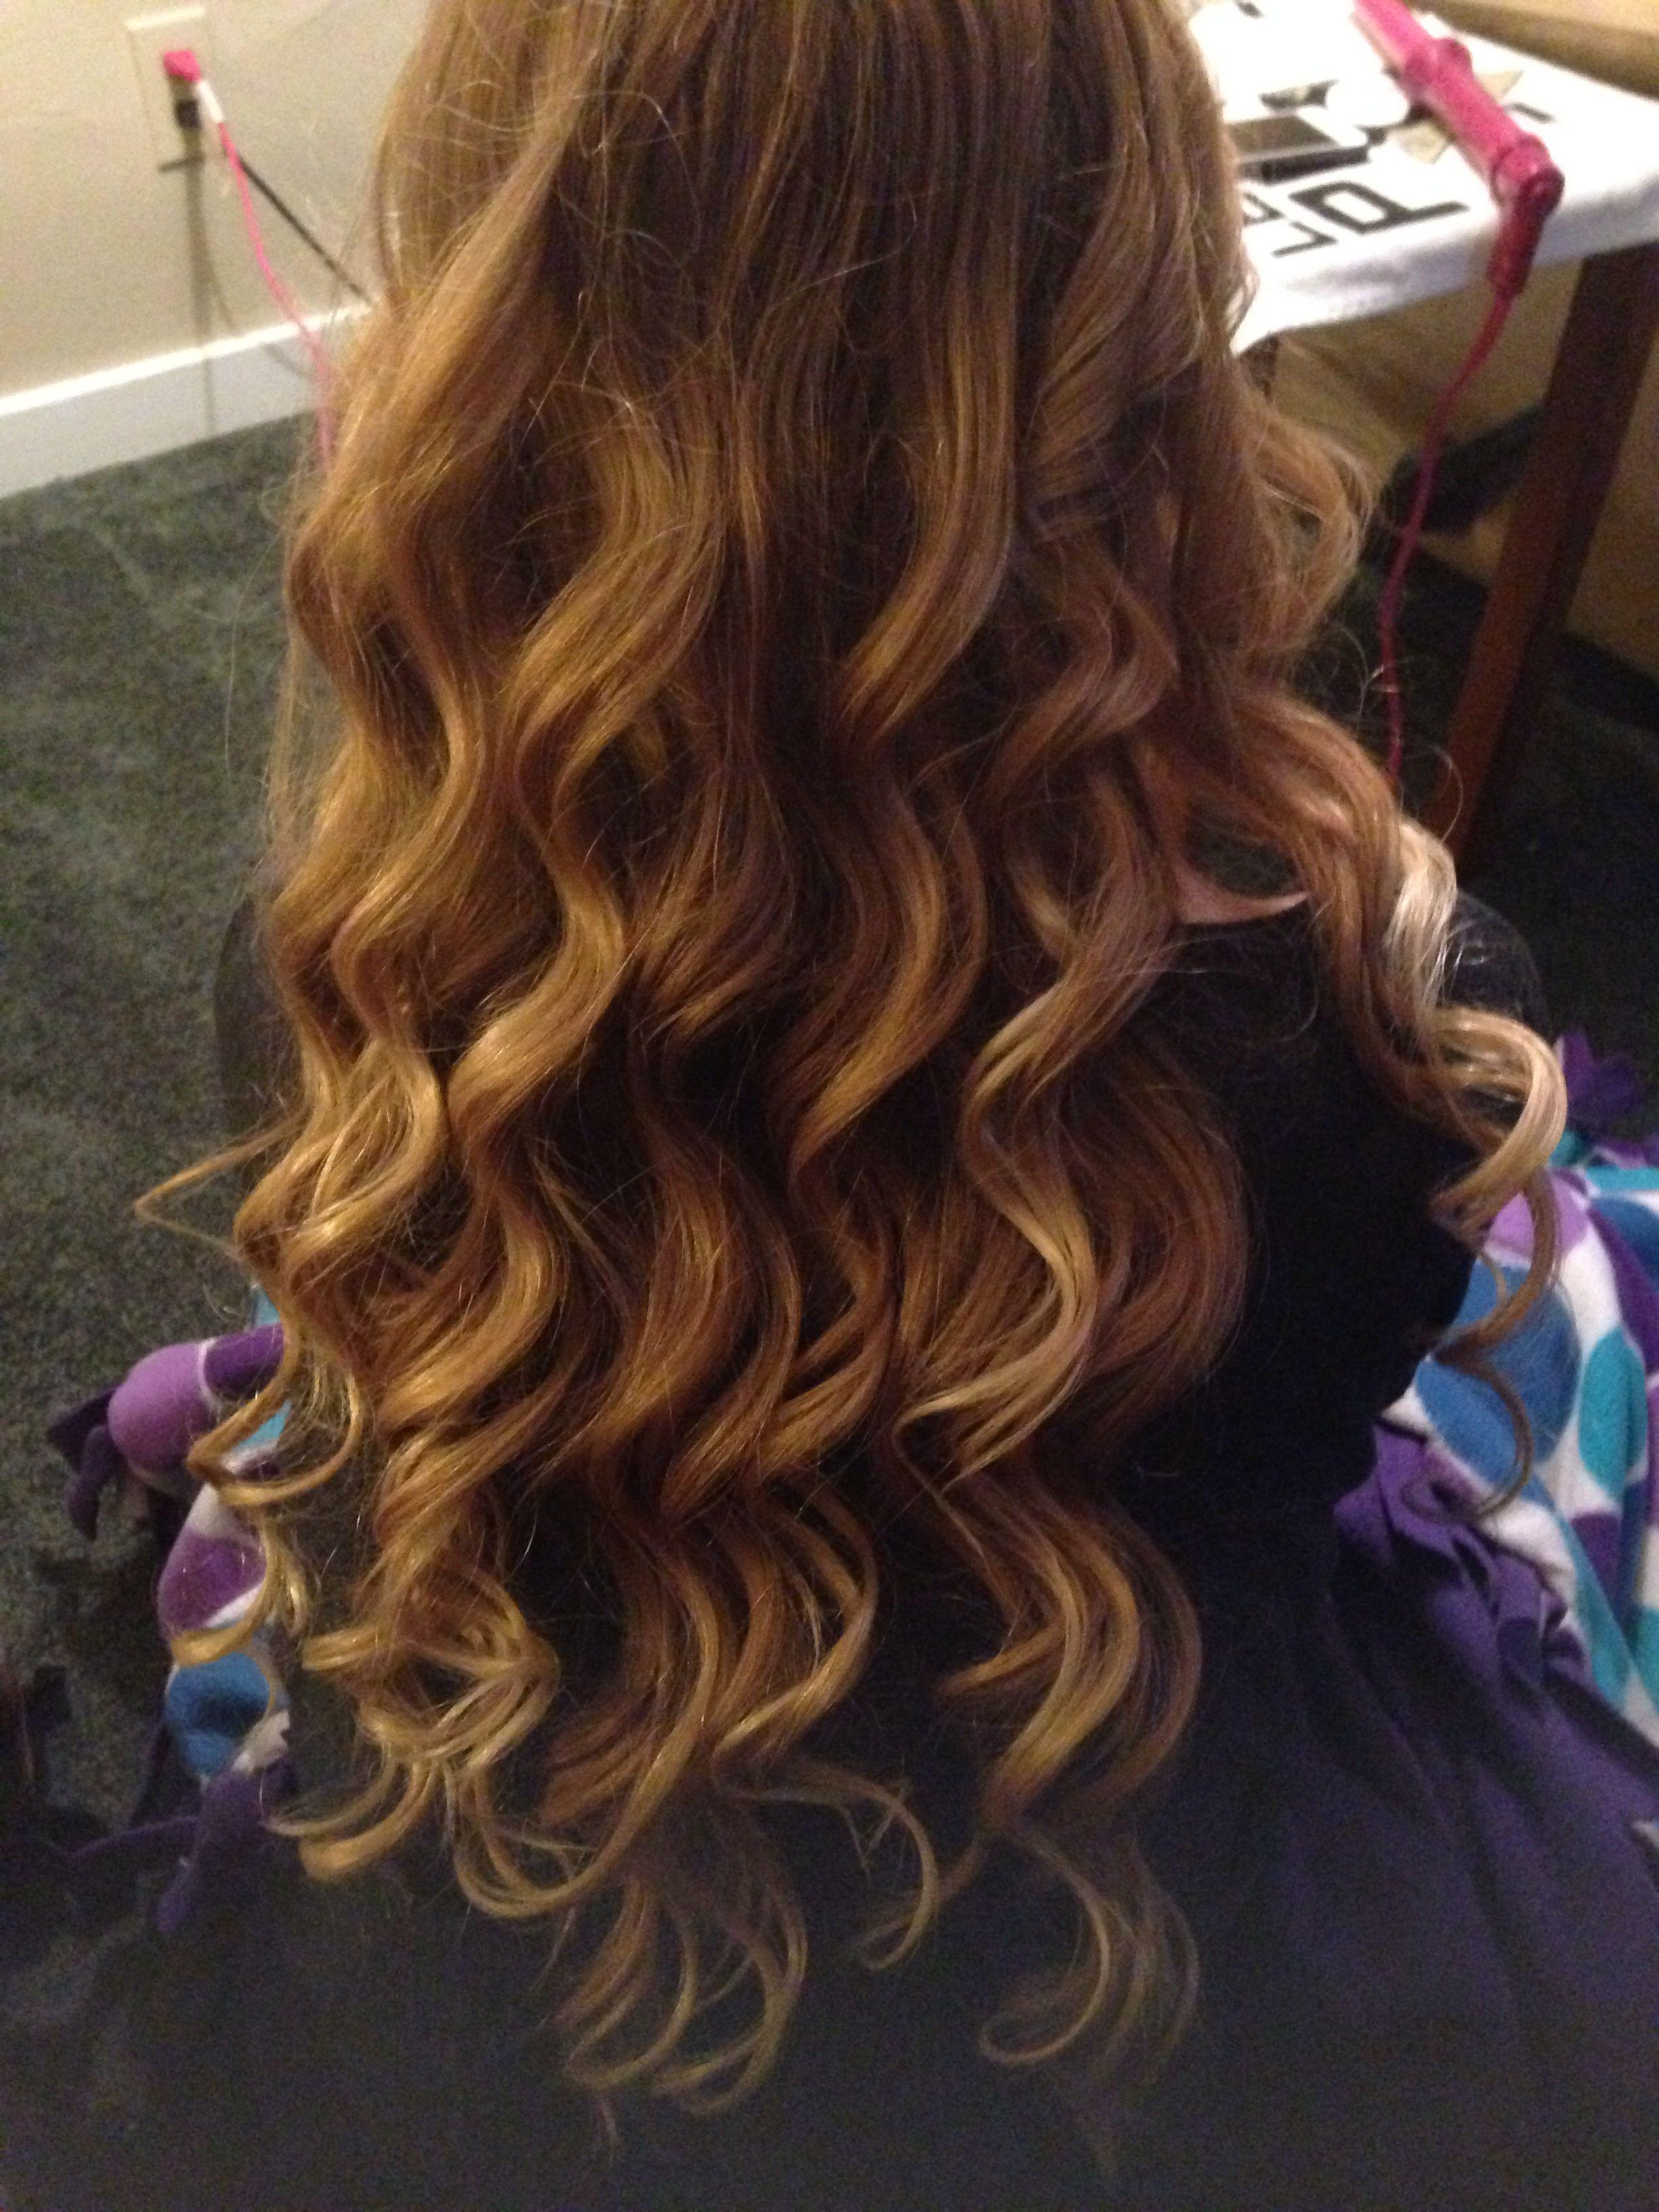 Loose wand curls hair pinterest hair curls and hair styles